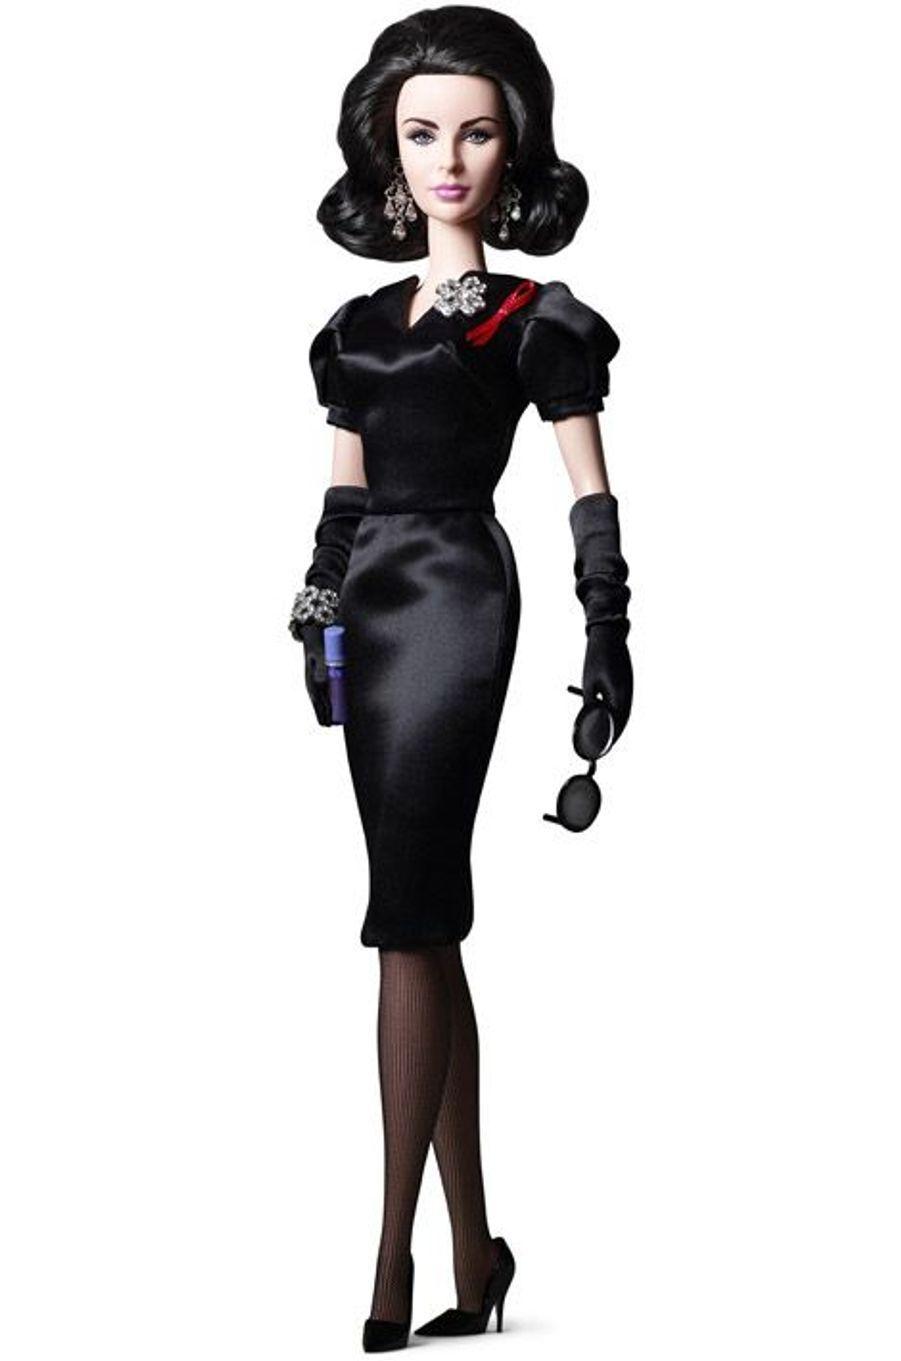 Une deuxième poupée aux traits d'Elizabeth Taylor